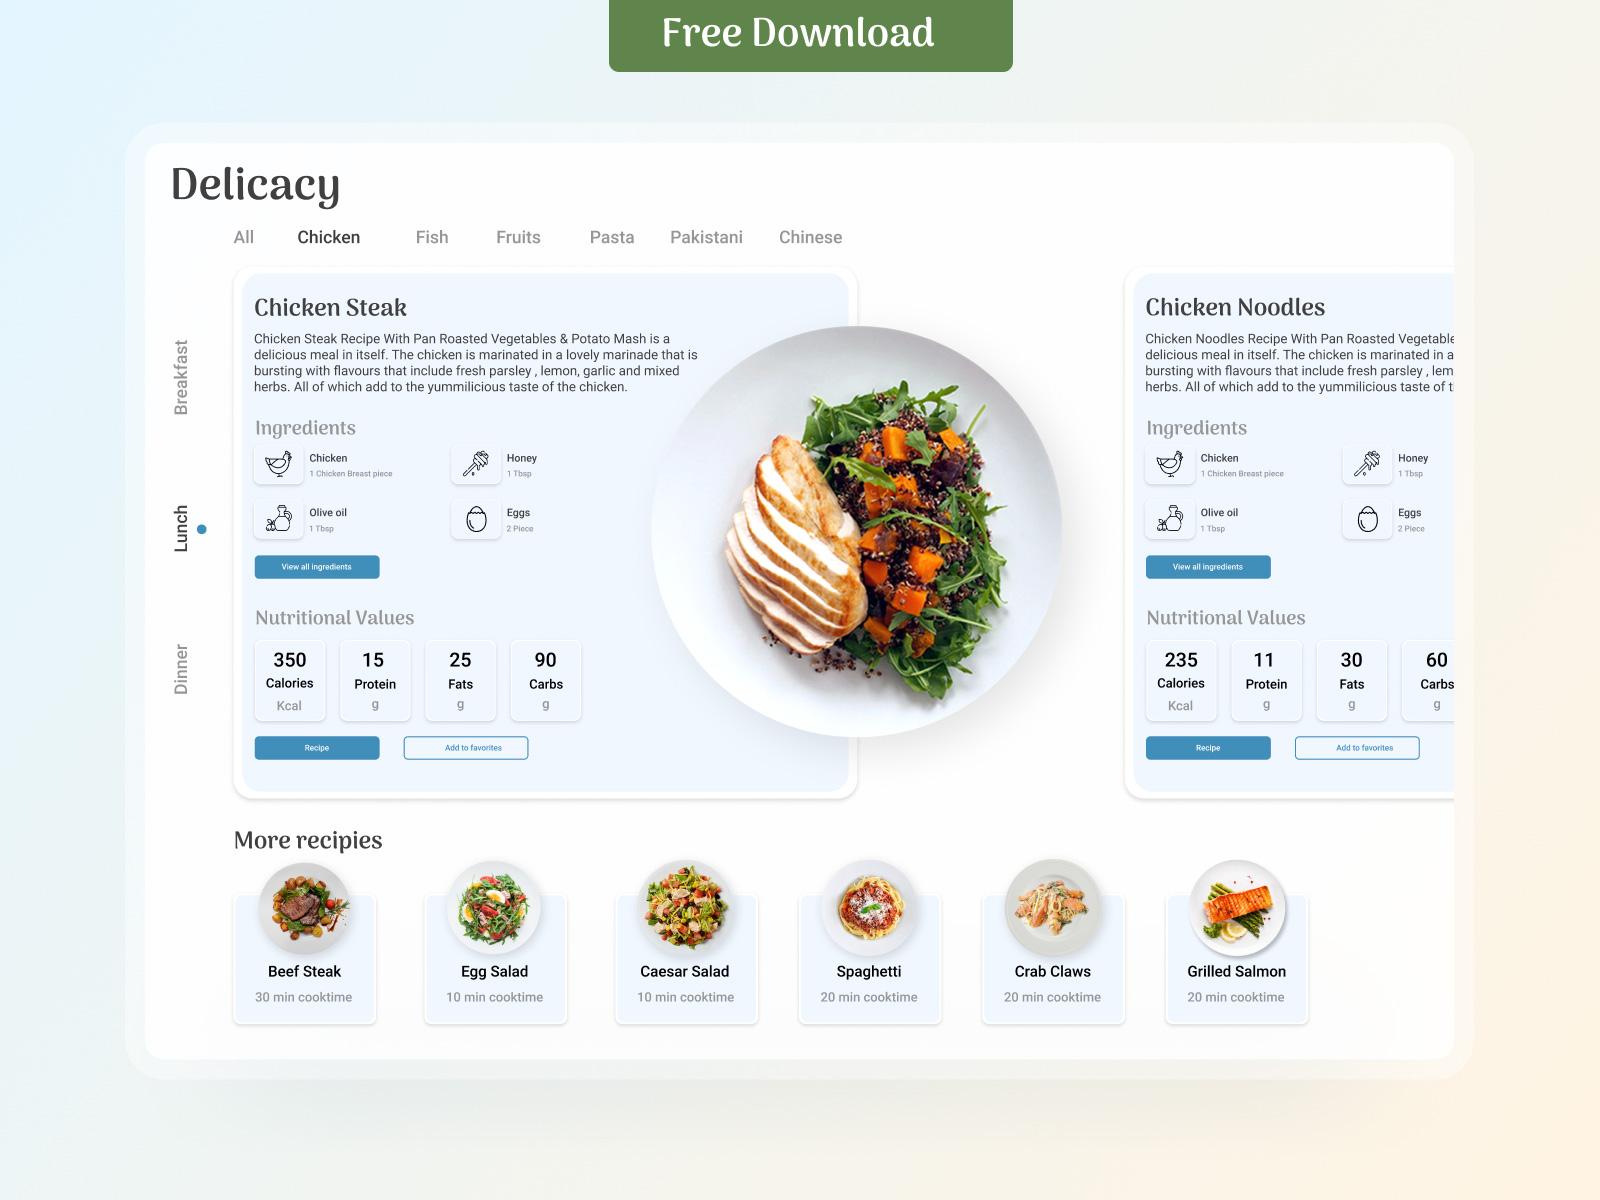 食物食谱仪表盘界面UI设计模板插图